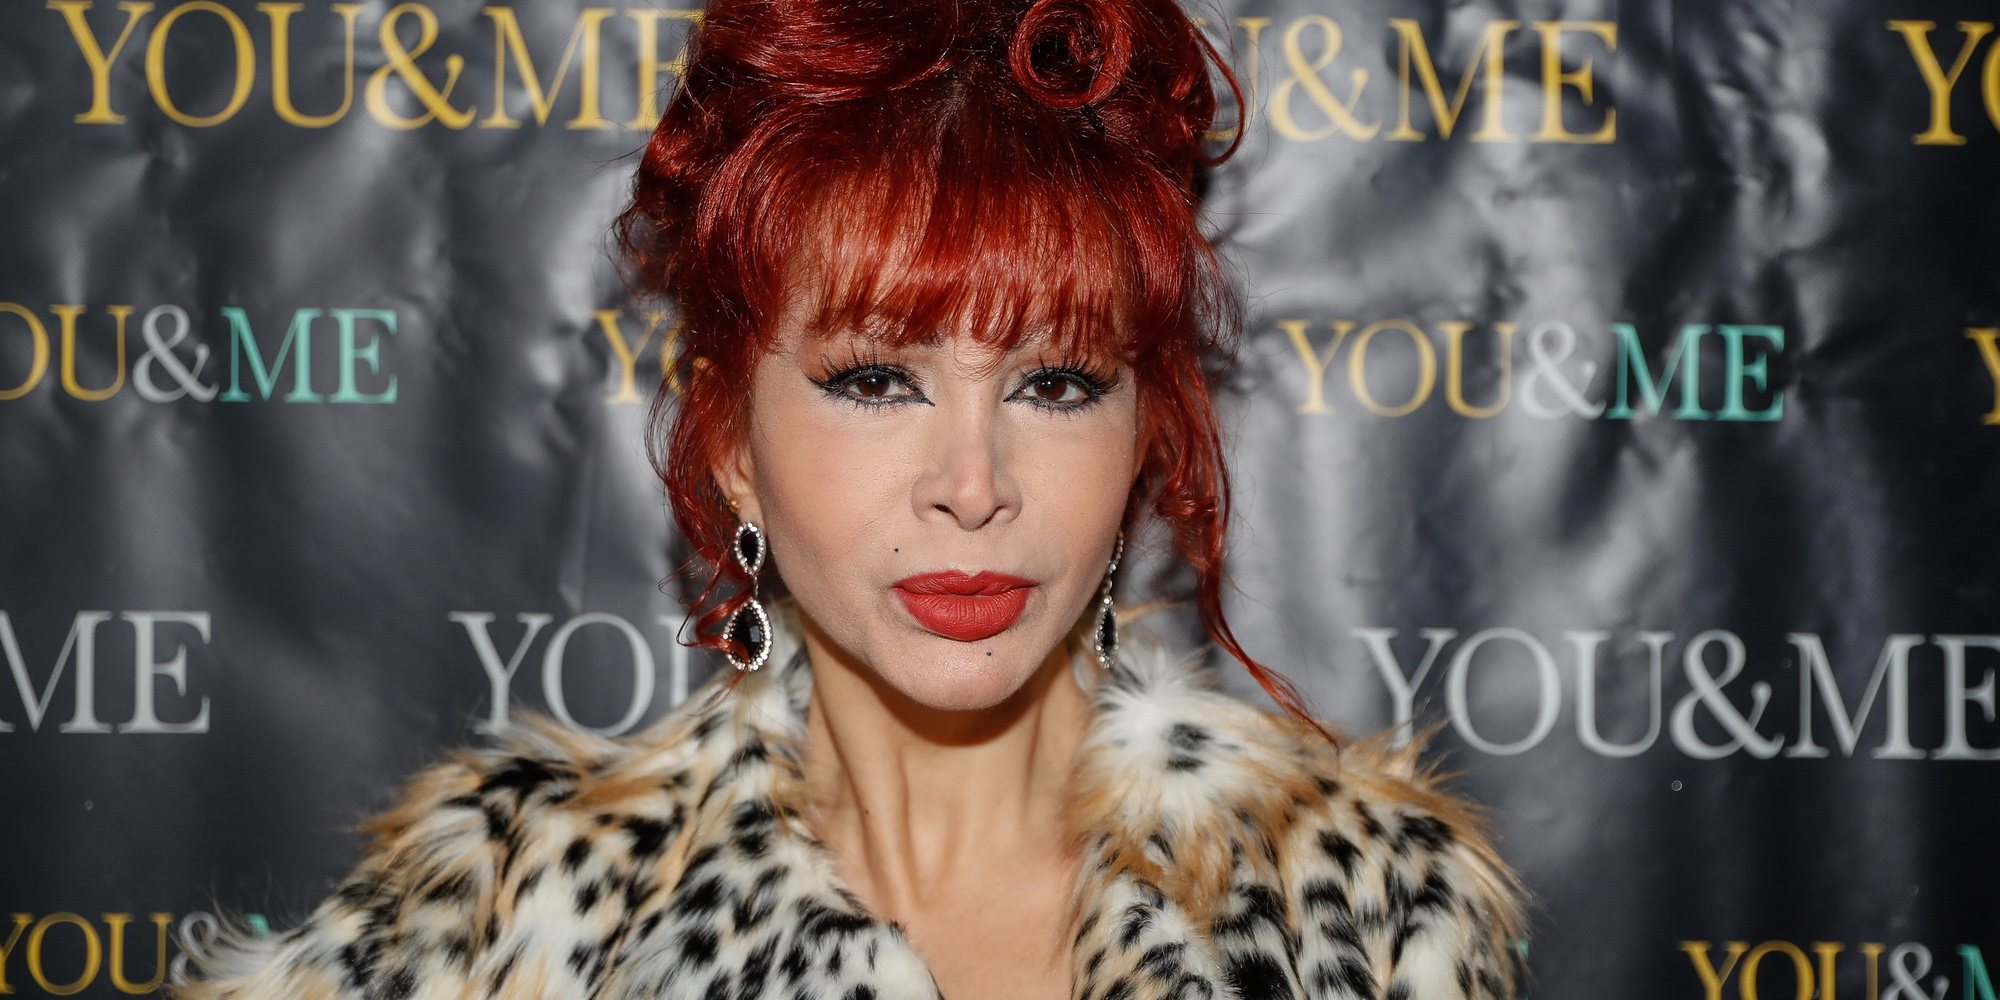 Yurena celebra el cumpleaños más triste y doloroso tras la muerte de su madre Margarita Seisdedos